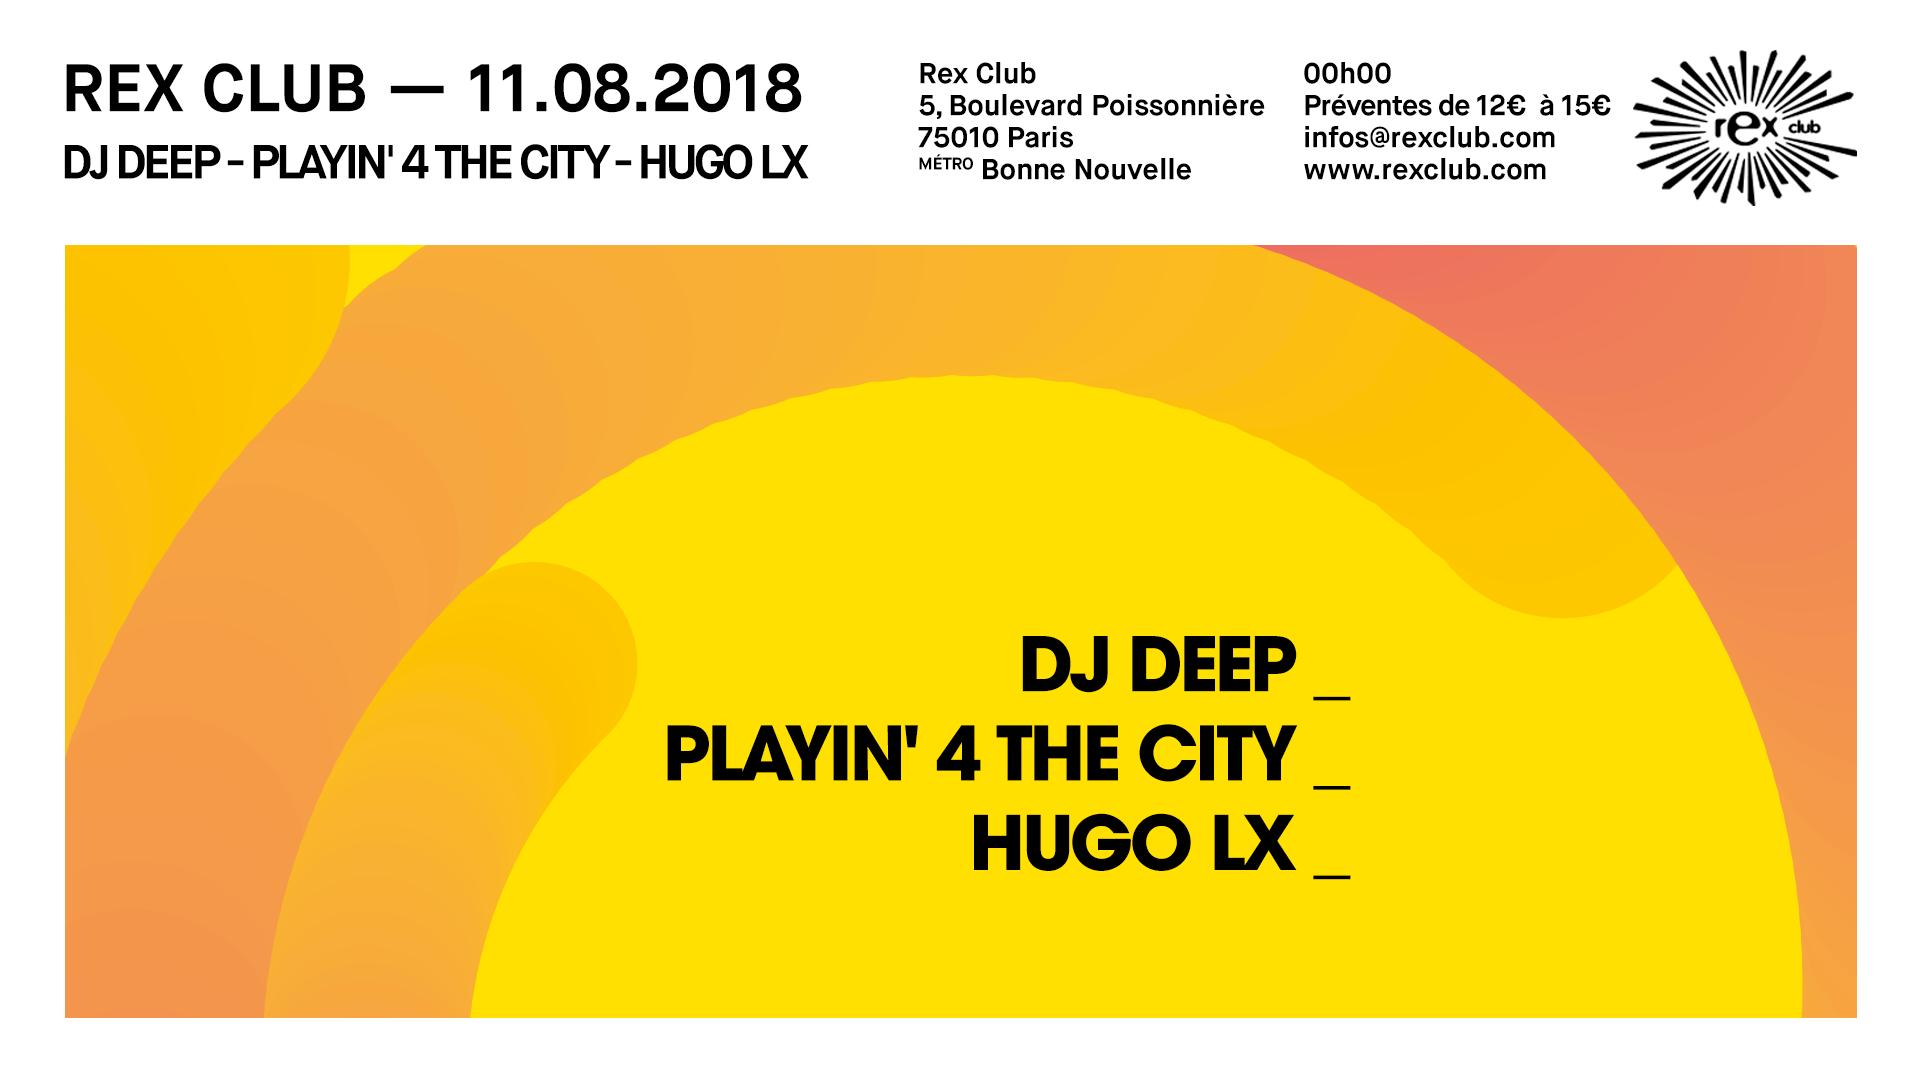 20180811_rex_club_presente_dj_deep_facebook_event_banner_1920x1080